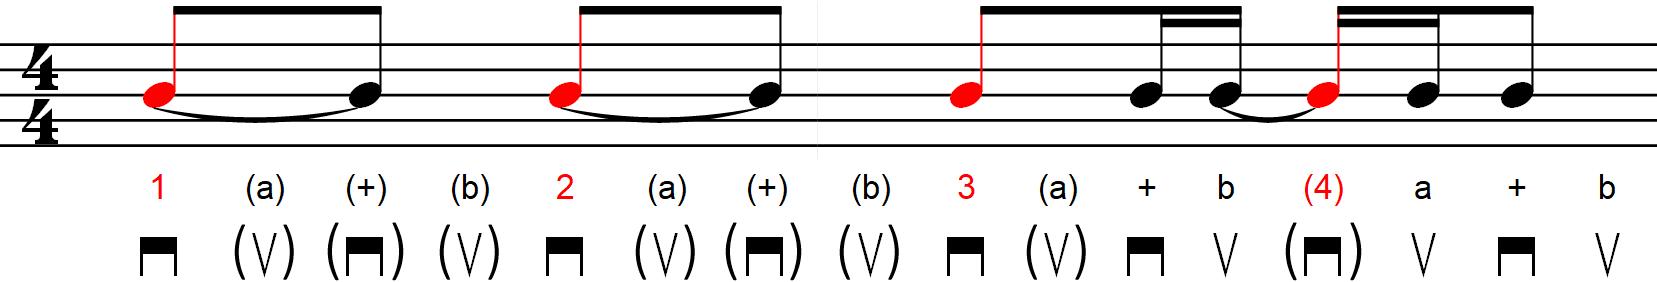 Rythmique avec contretemps - Exemple n°6b